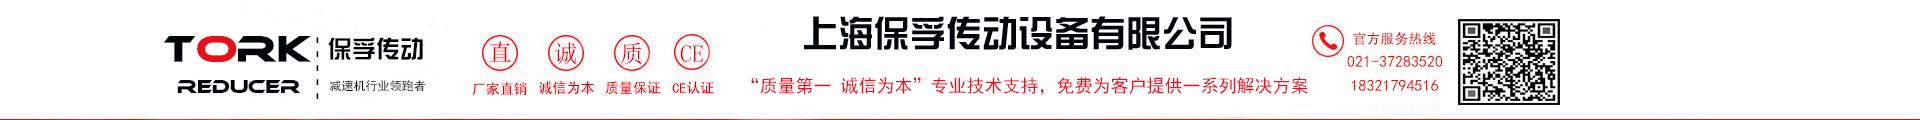 上海保孚傳動設備有限公司